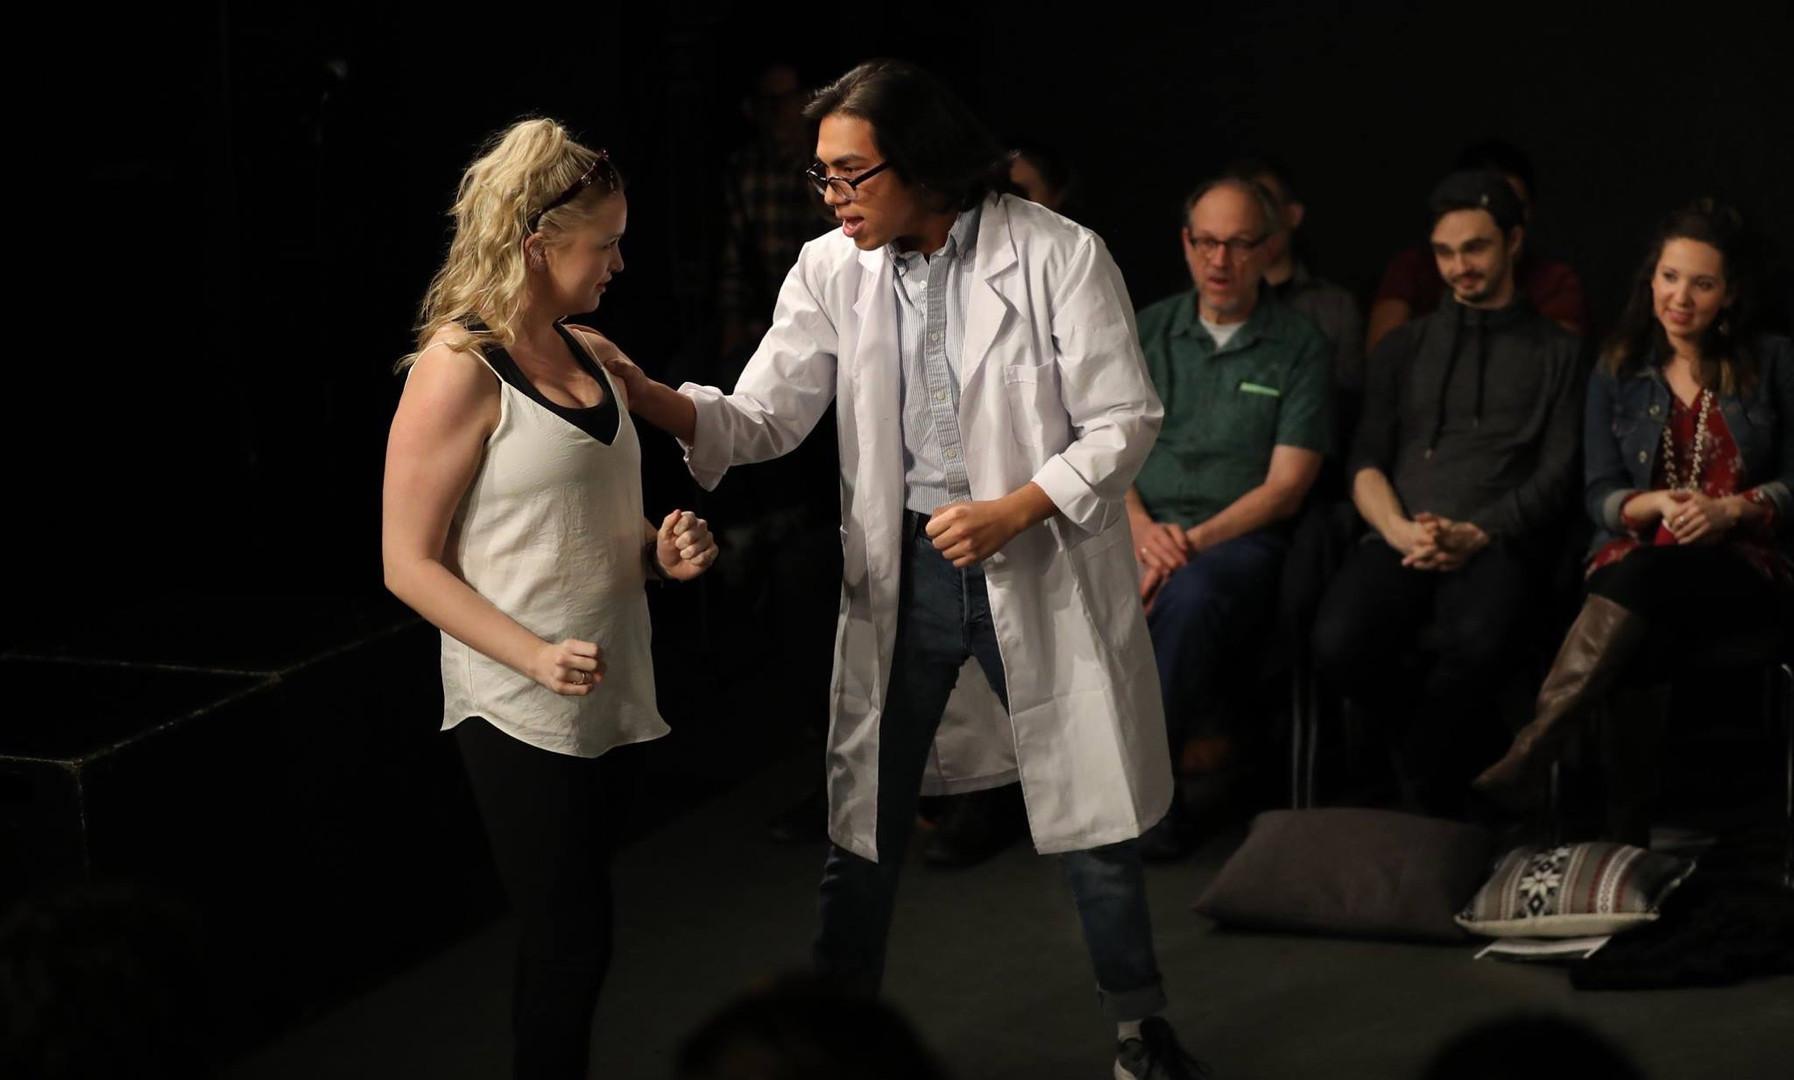 Dr. Cablebaum